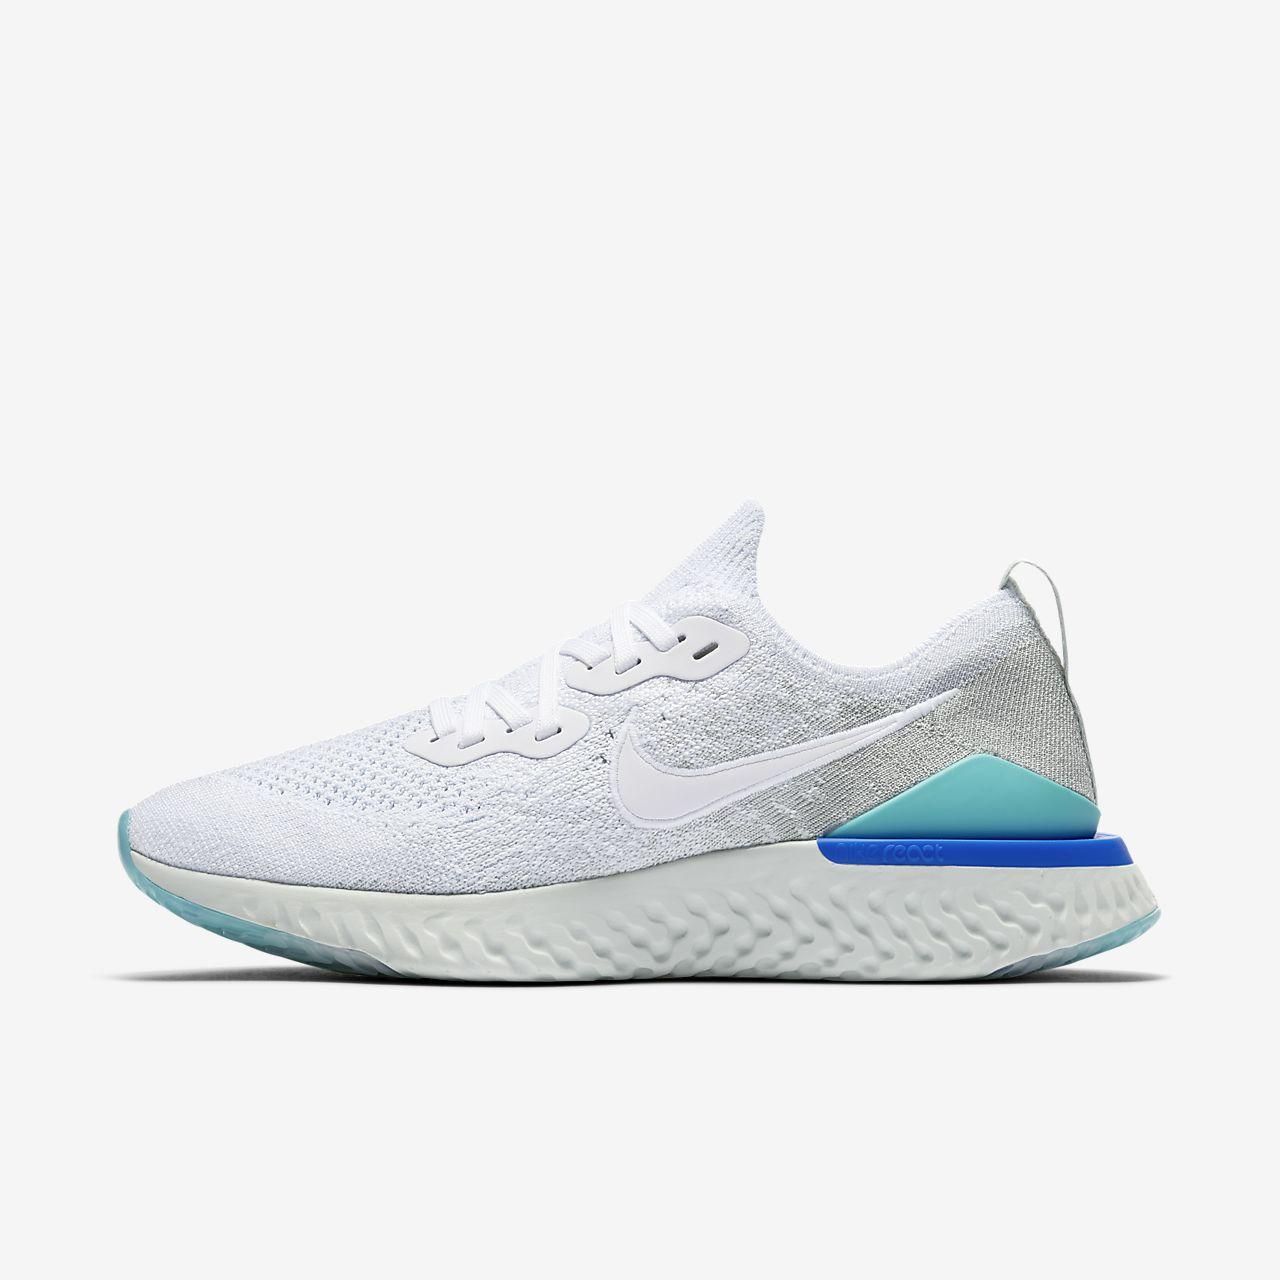 official photos 9ce2e b24f1 Nike Epic React Flyknit 2 Women's Running Shoe